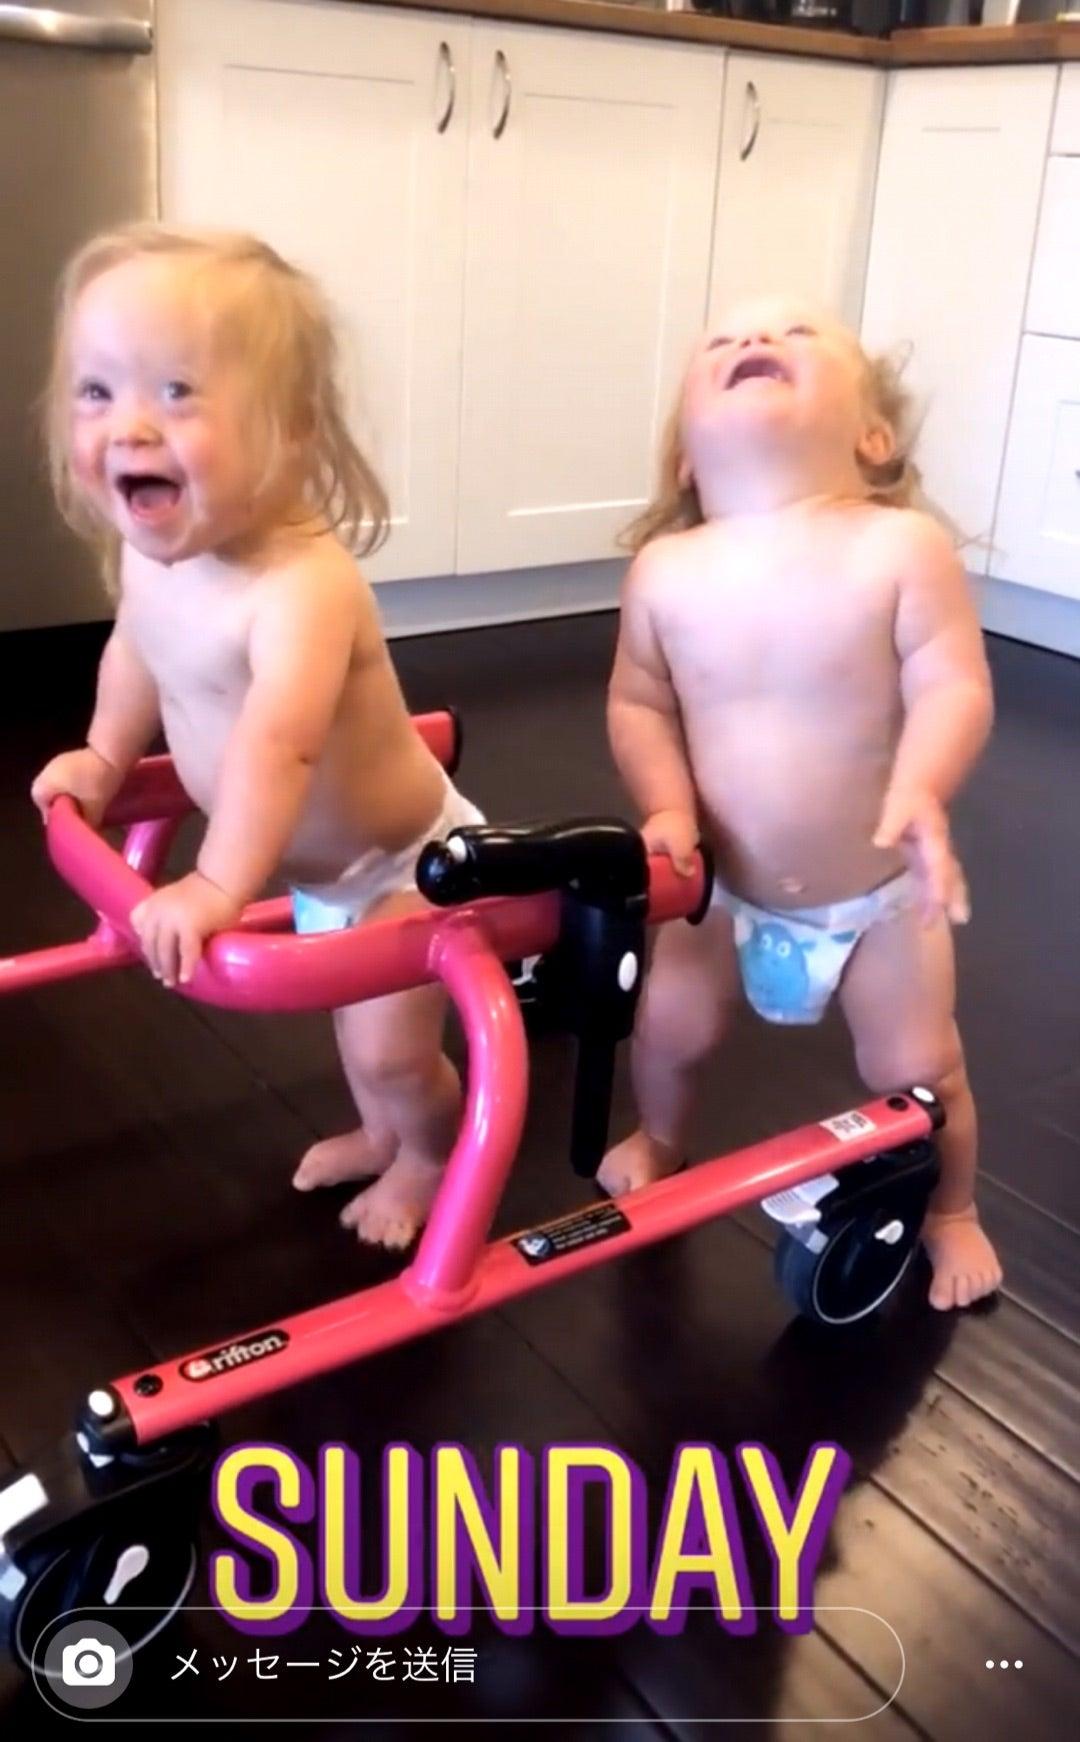 双子 ダウン症 ブログ